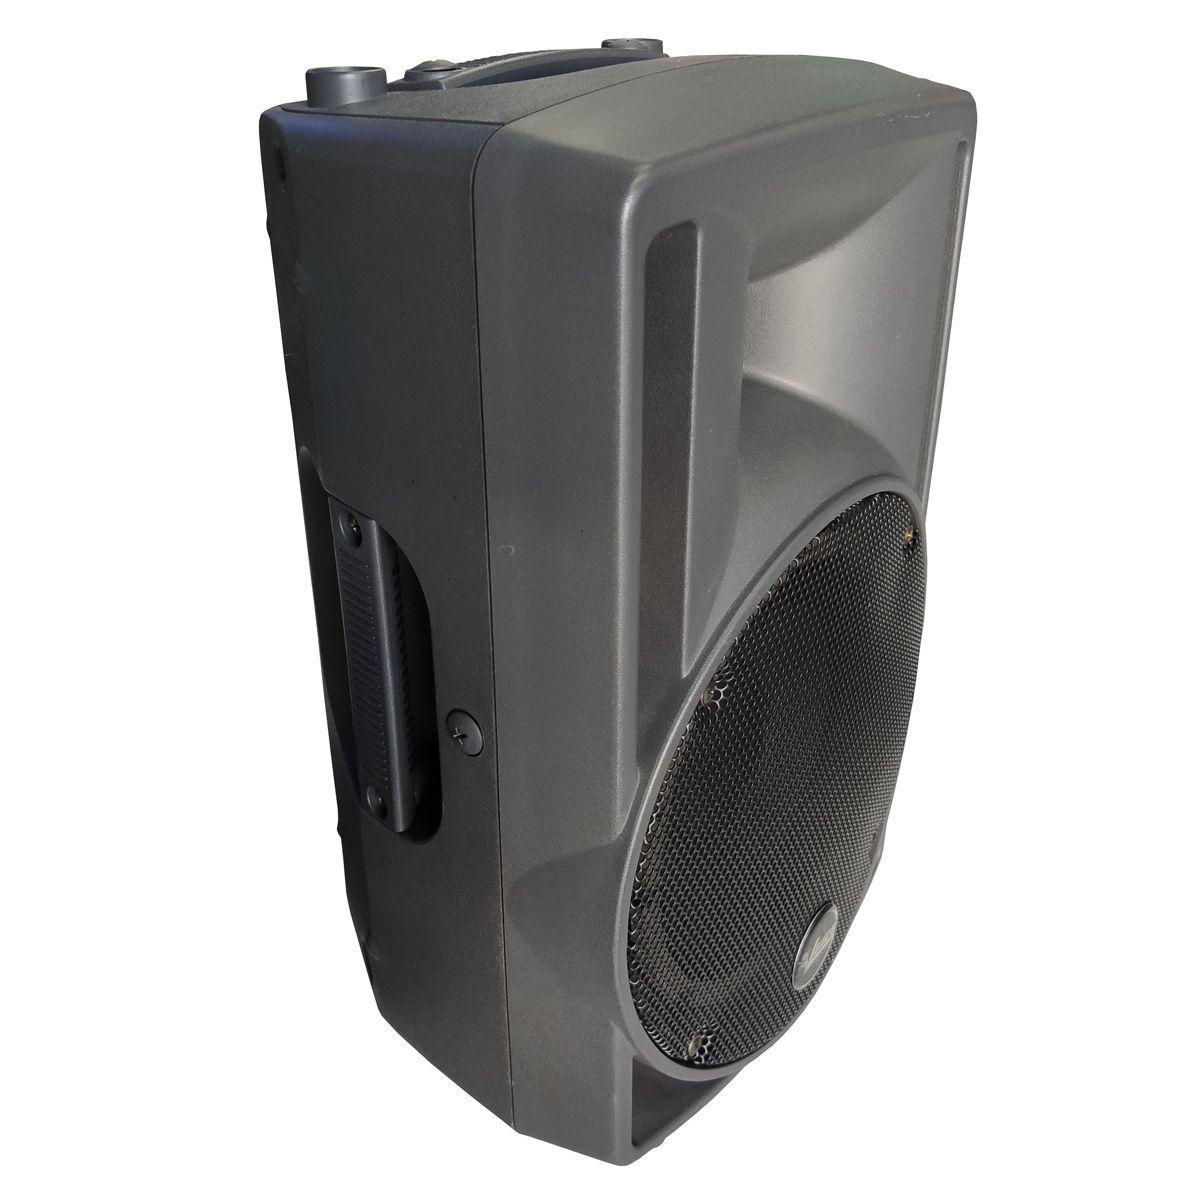 Caixa Acústica Ativa LT 1000 150w USB / Bluetooth - Leacs